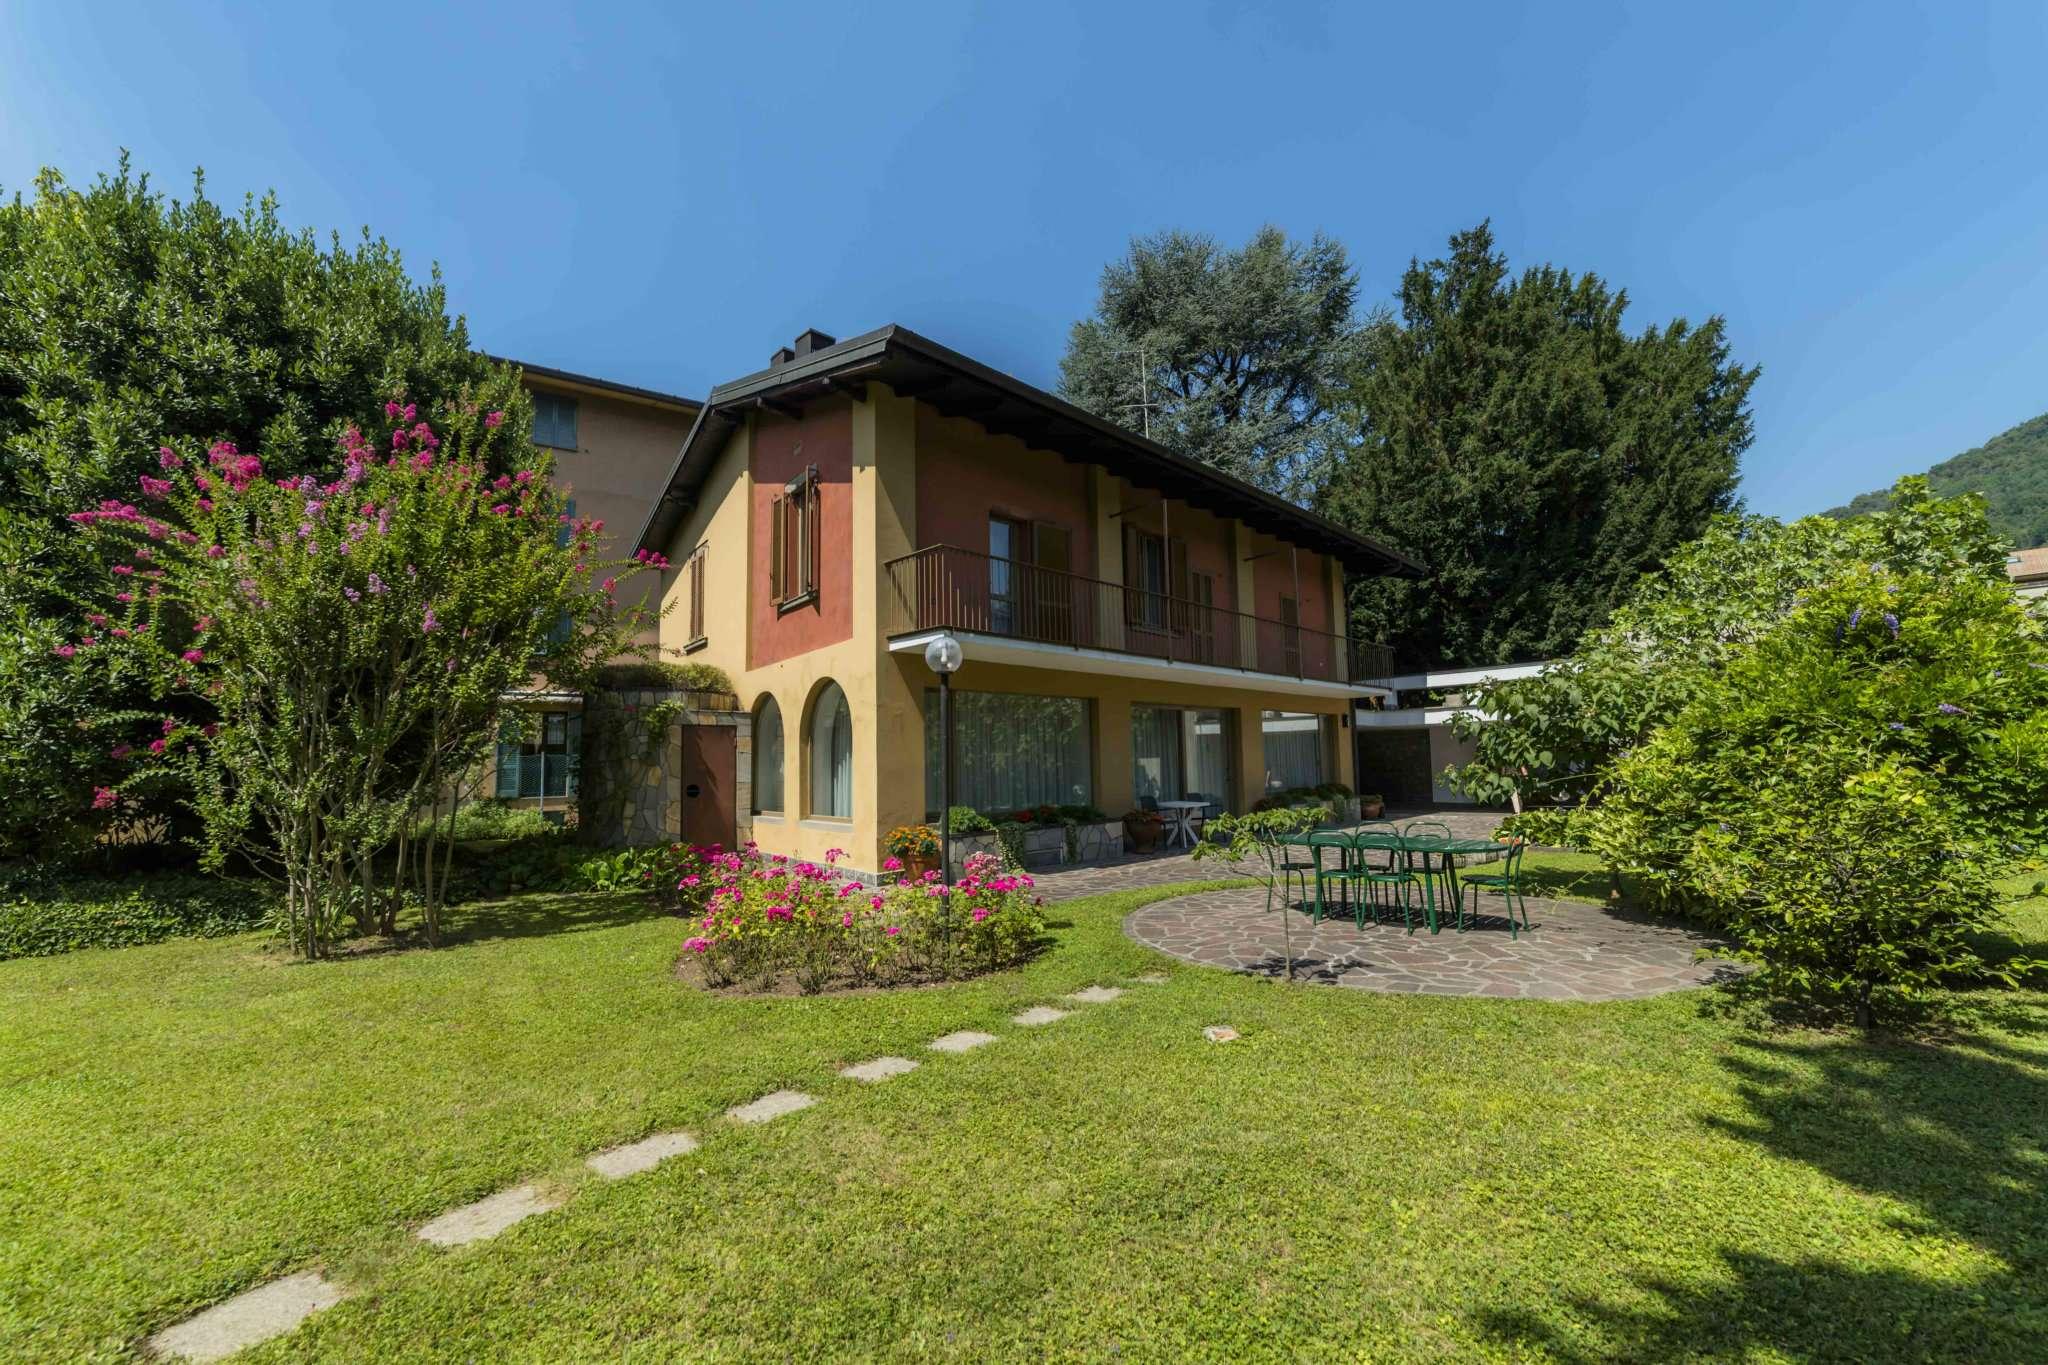 Villa in vendita a Nembro, 8 locali, prezzo € 1.000.000 | CambioCasa.it